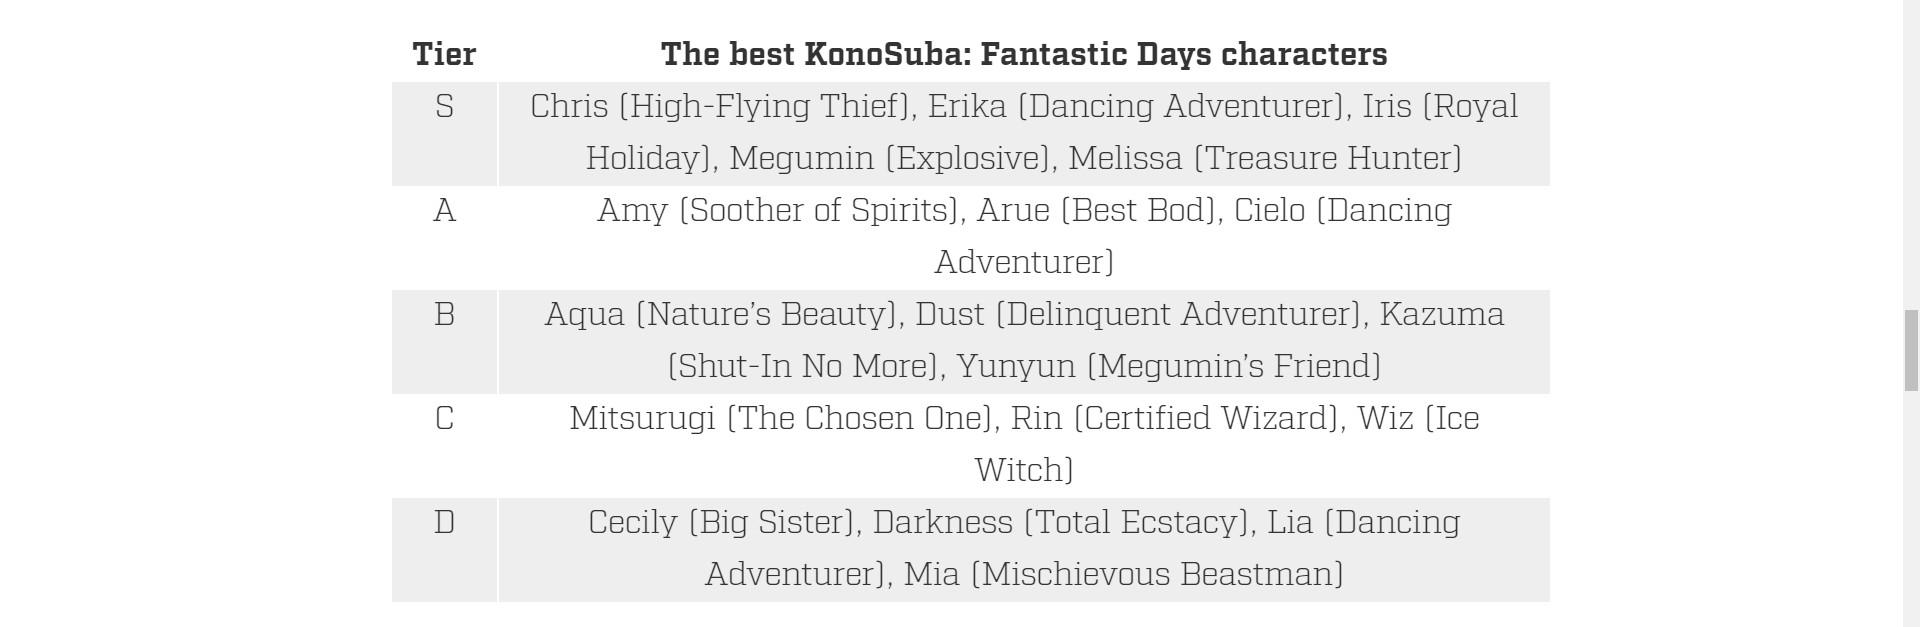 แนะนำตัวละคร Tier List ในเกม KonoSuba: Fantastic Days และวิธี Reroll ตัวละคร